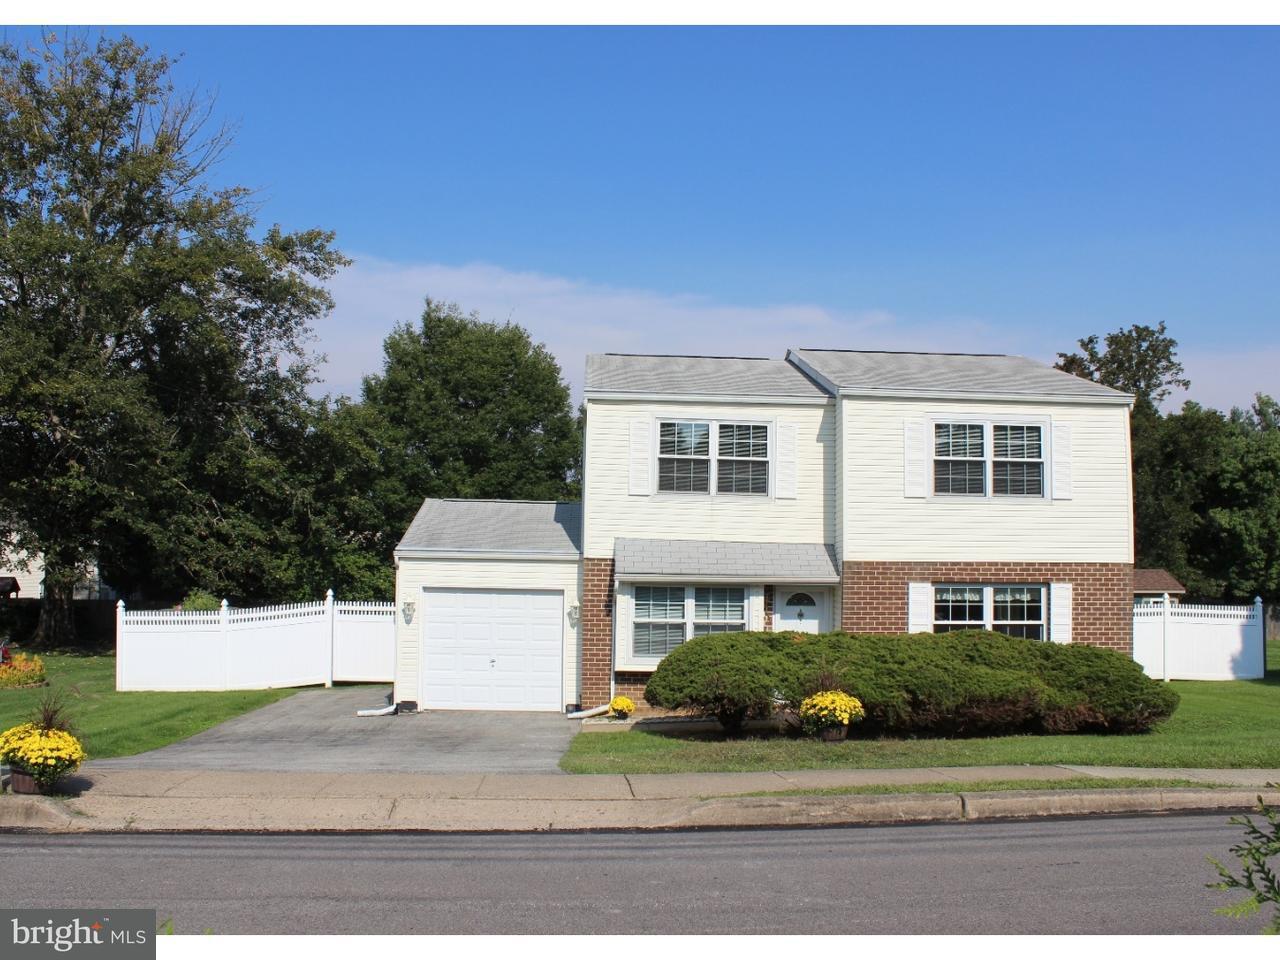 Maison unifamiliale pour l Vente à 4137 JOSHUA Road Lafayette Hill, Pennsylvanie 19444 États-Unis